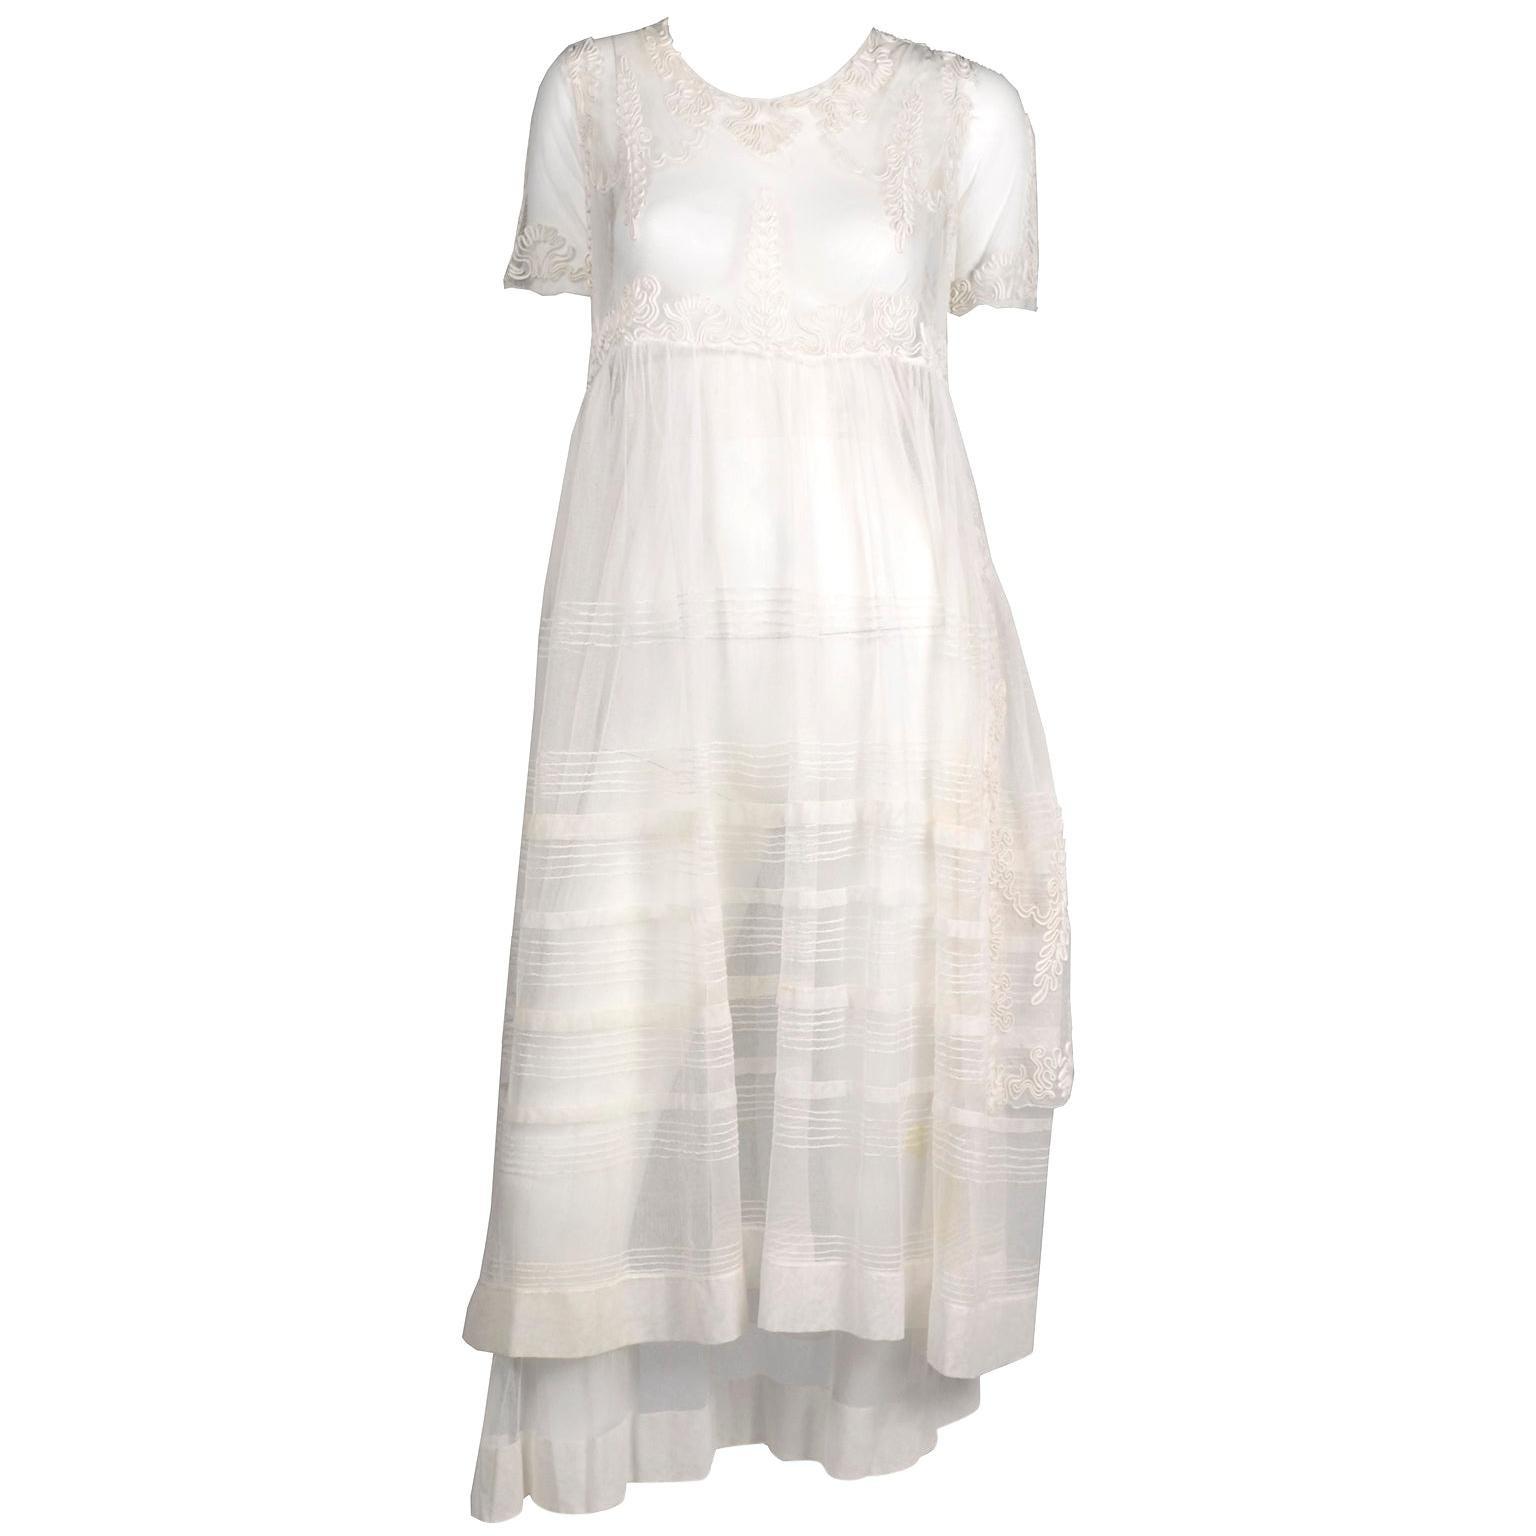 Antique Edwardian 1910s Vintage Ivory Net Tulle Dress W Soutache Embroidery Trim